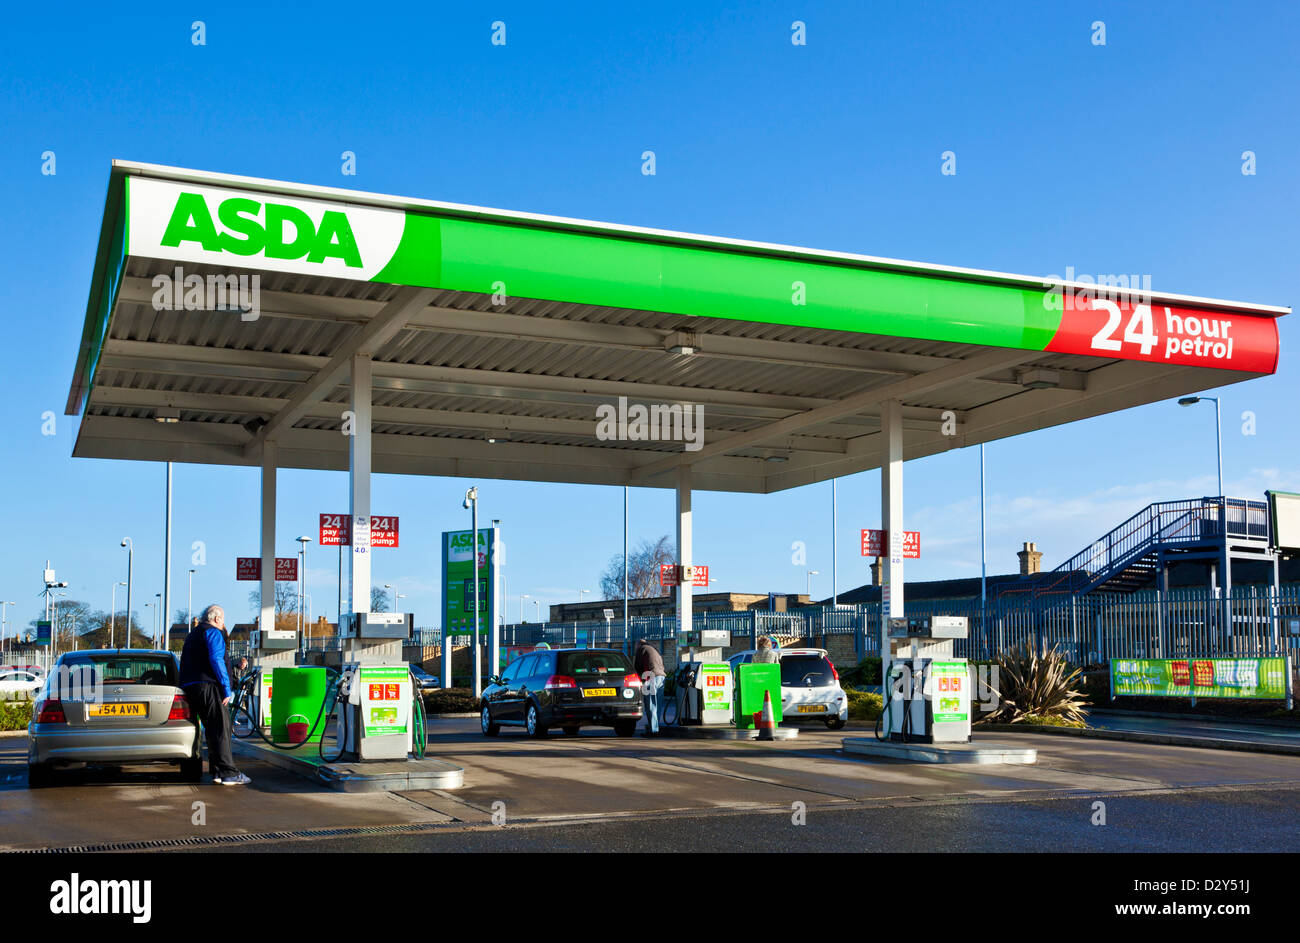 ASDA Tankstelle Vorplatz mit Mann, Benzin in seinem Auto uk Stockfoto